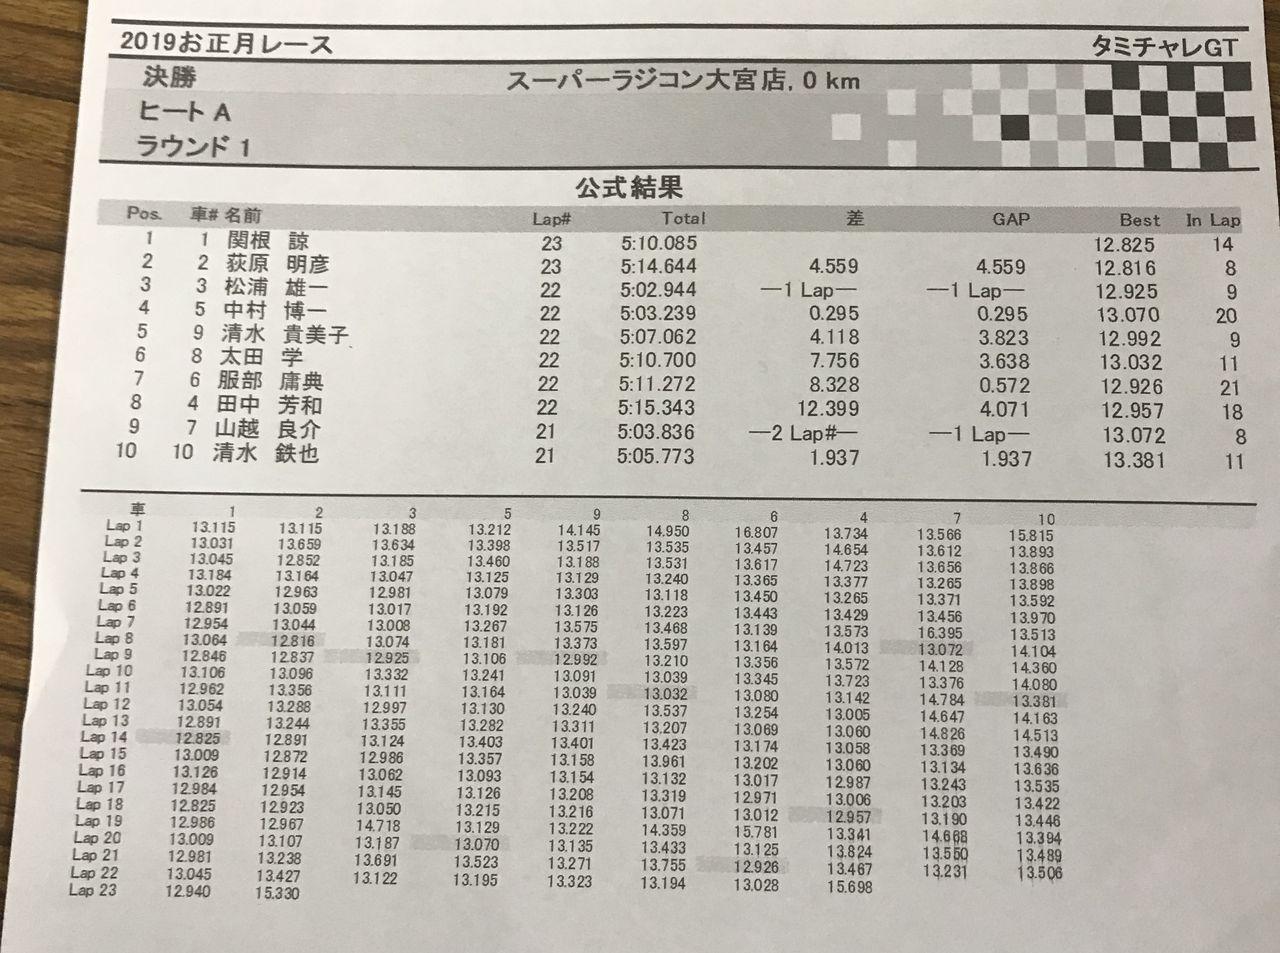 BE3032EA-9623-41F6-B1CD-24F988E64E26